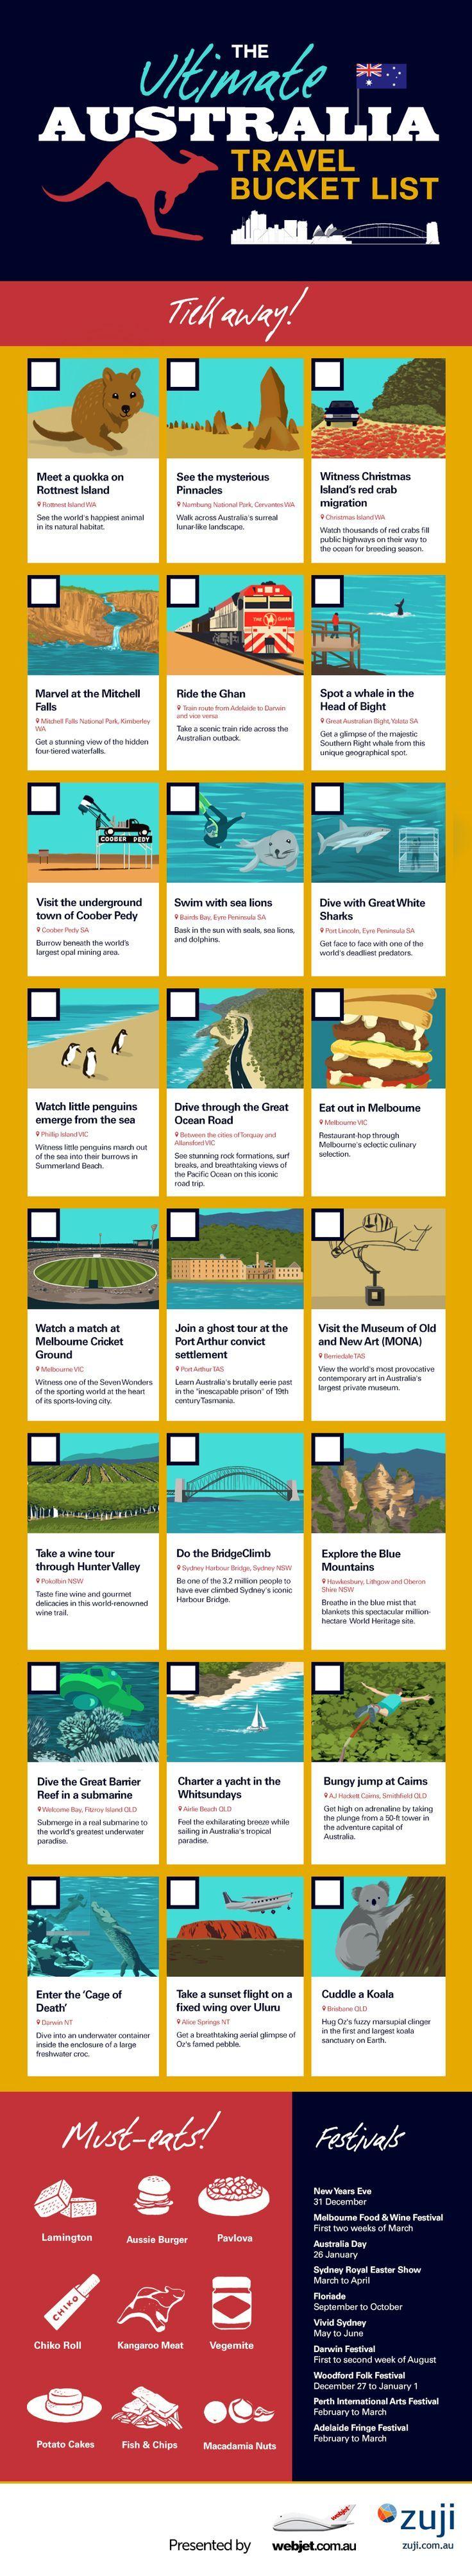 25 best ideas about perth australien on pinterest australien sydney reisepass für baby and queensland australien